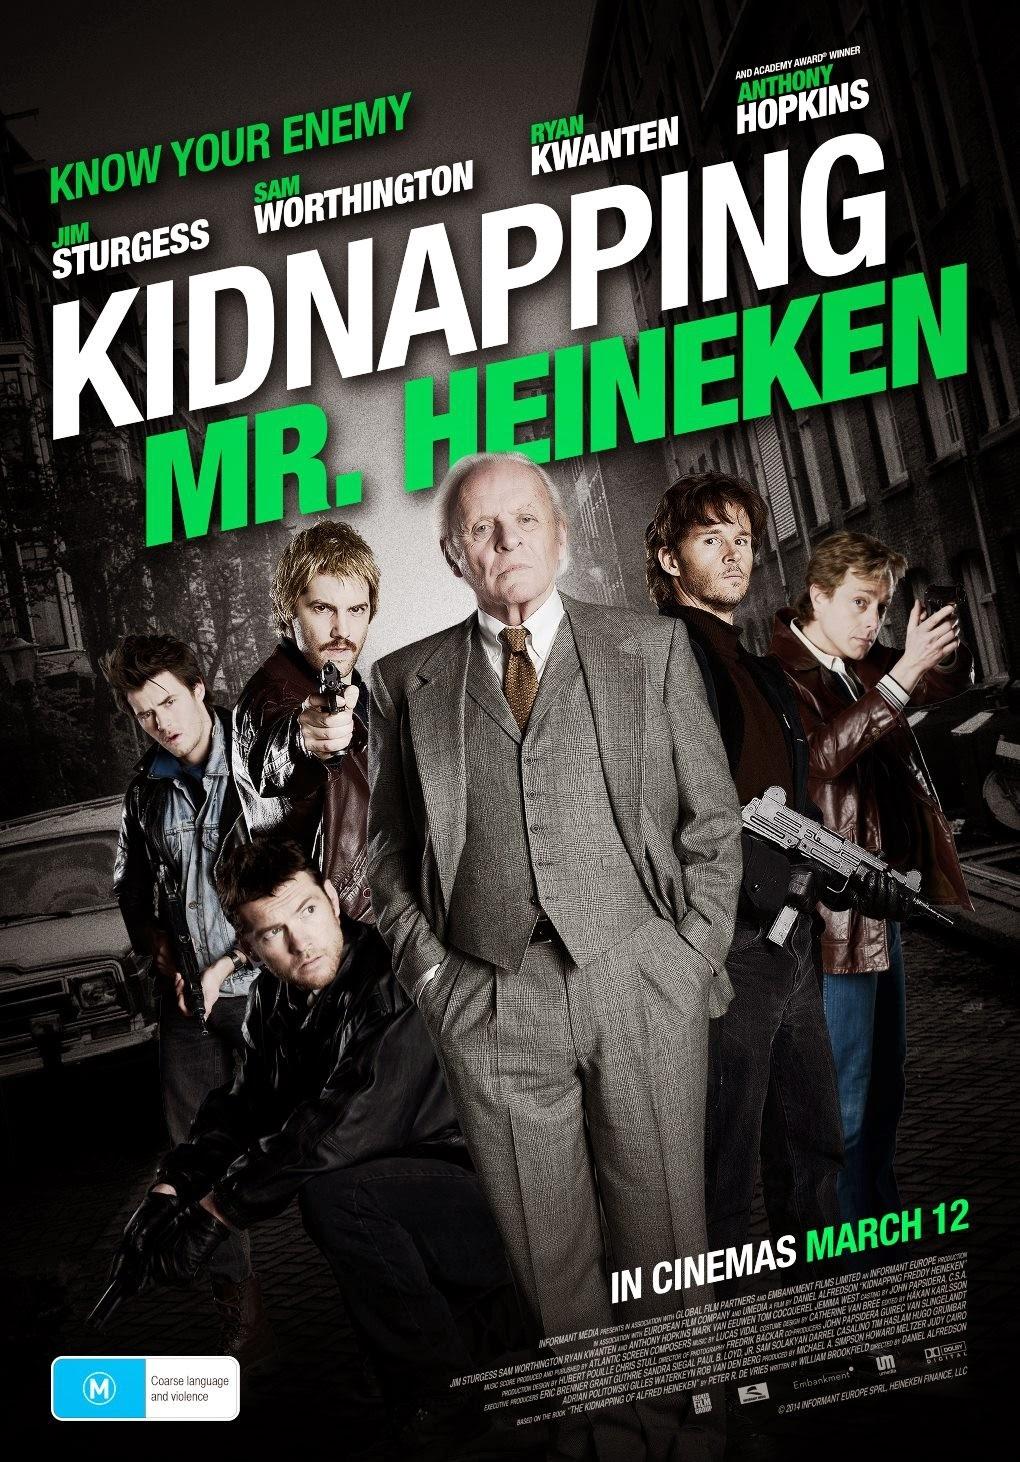 KidnappingMrHeineken02